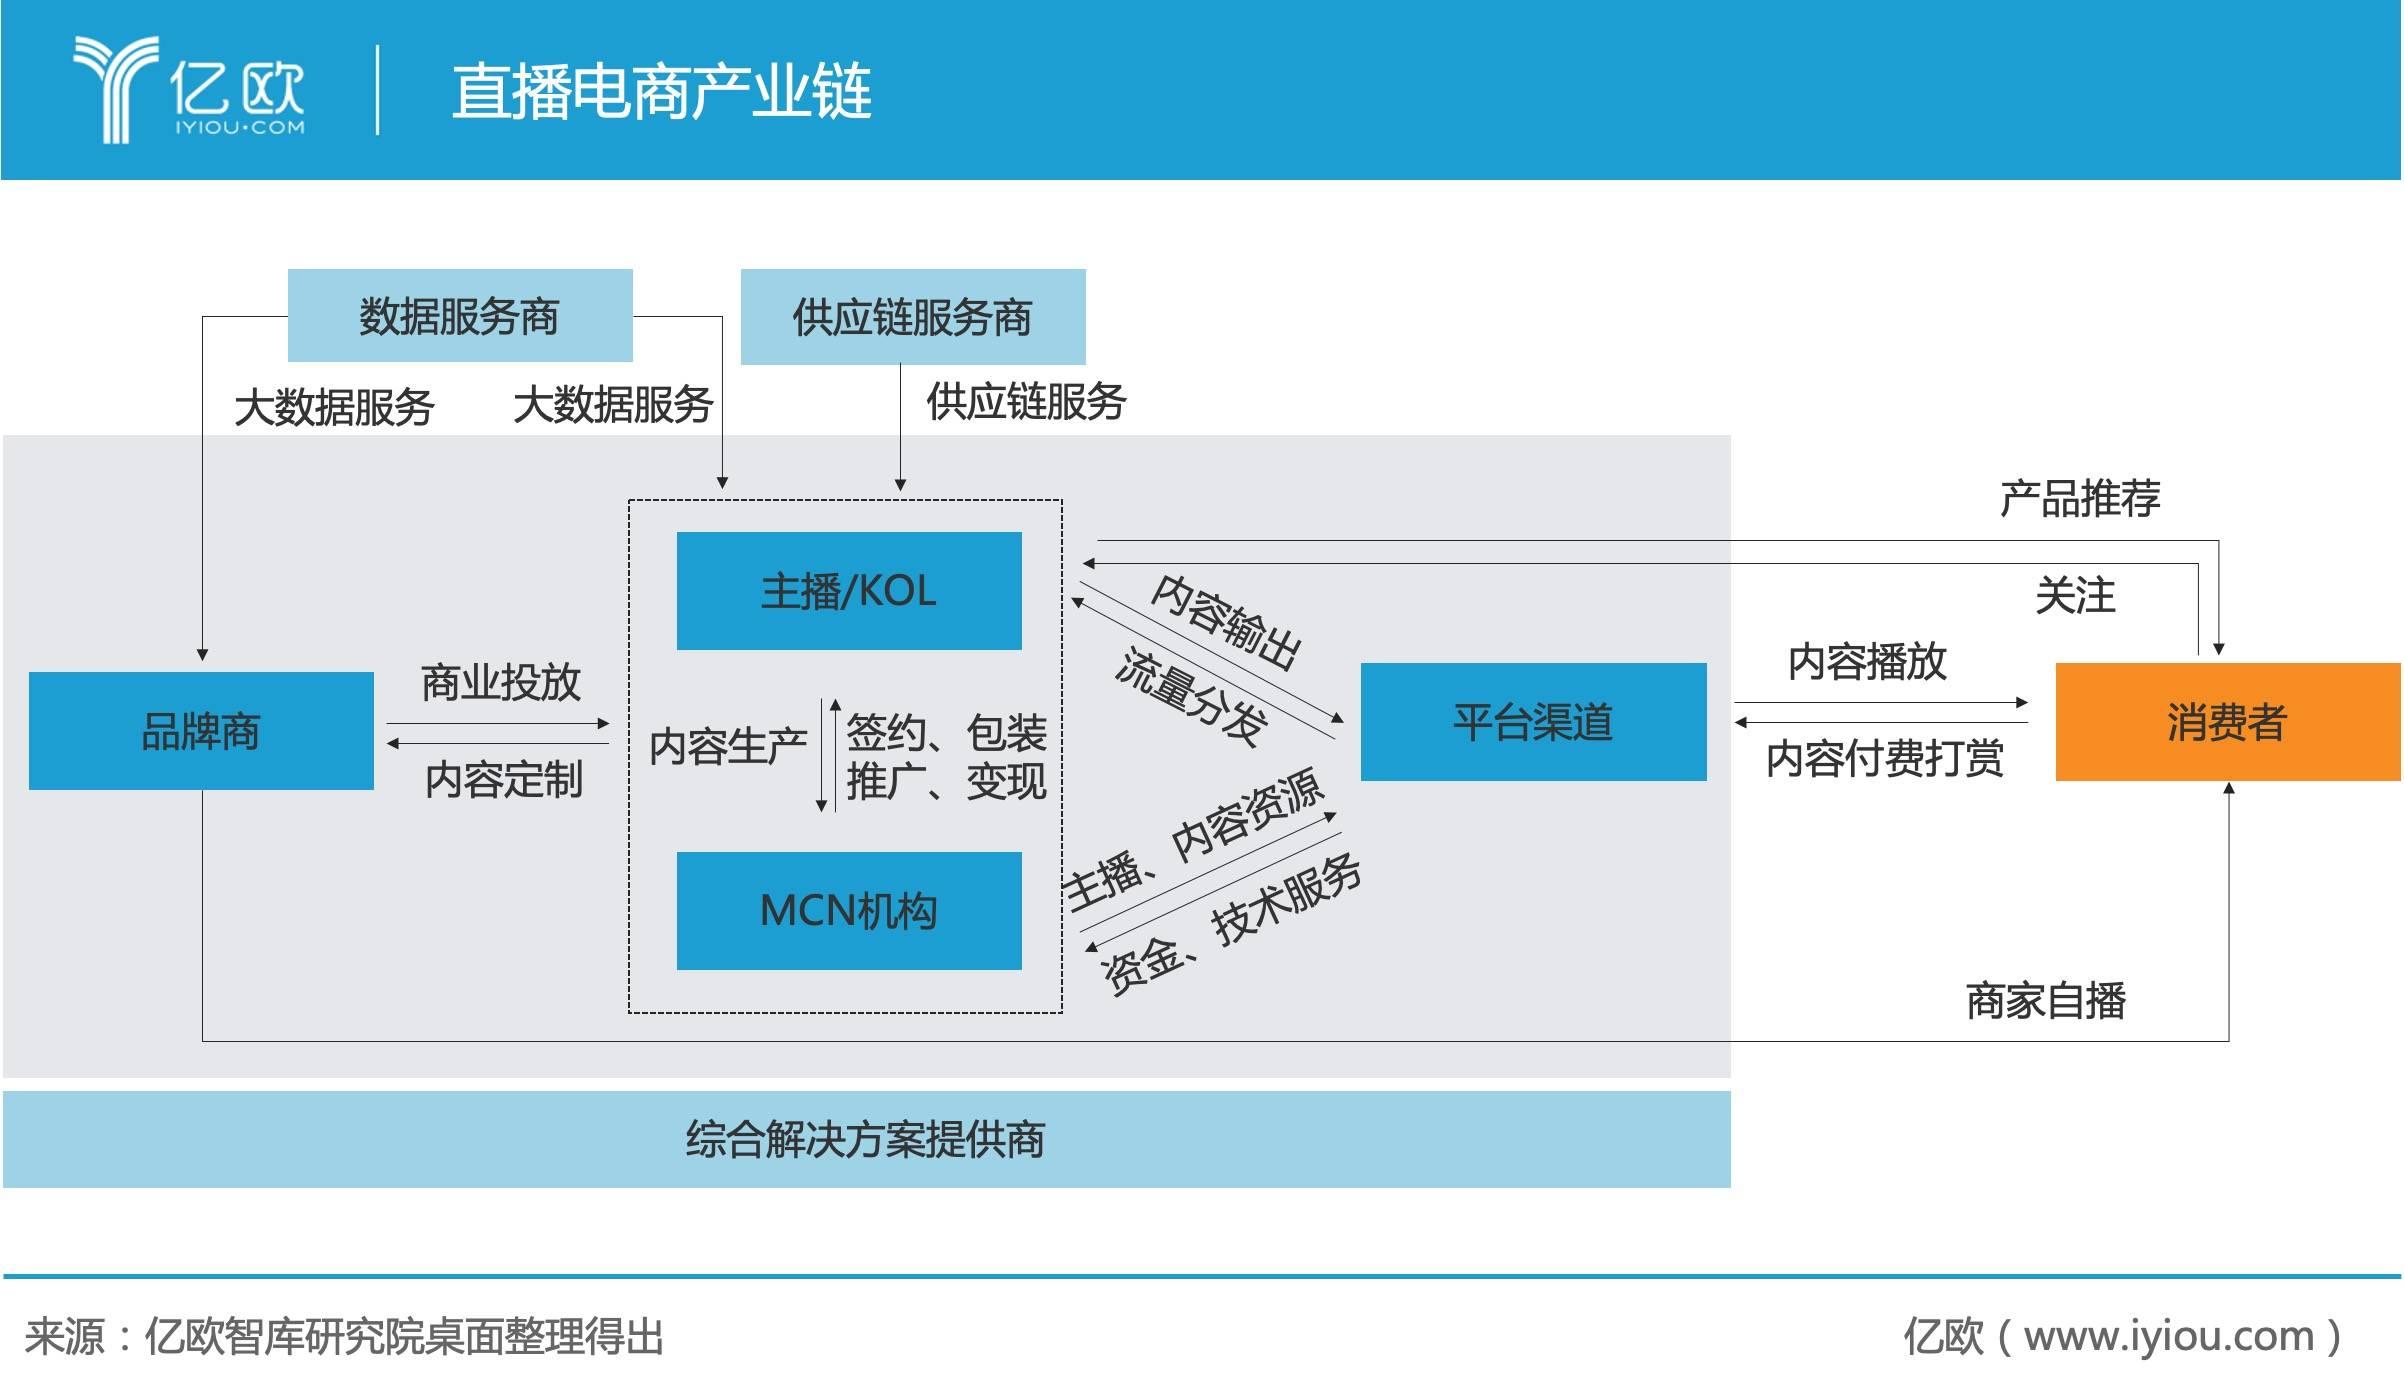 產業鏈.jpg.jpg